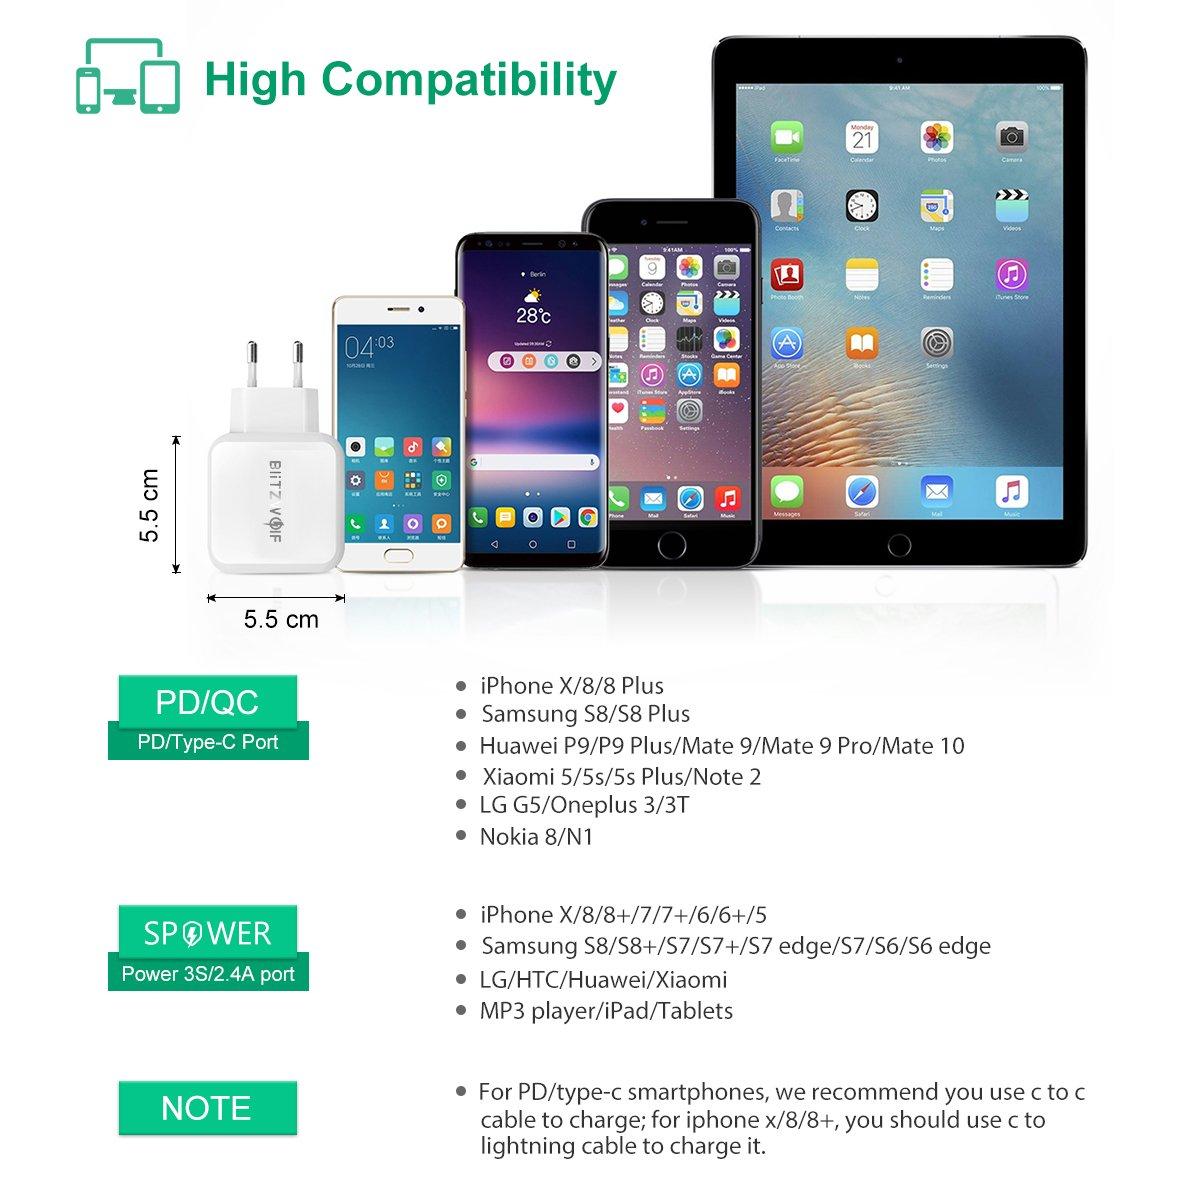 USB C Ladegerät mit Power Delivery, BlitzWolf QC3.0 30W 2-Port (Typ C PD & 5V 2.4A) USB Netzteil Typ C PD Ladegerät für iPhone X / 8/7/6 / 6S / 5S, Samsung Galaxy S9 / S8 / S8 Plus, Huawei P9 / Mate 9, HTC, LG, Xiaomi, iPad, Tablet (Weiß)